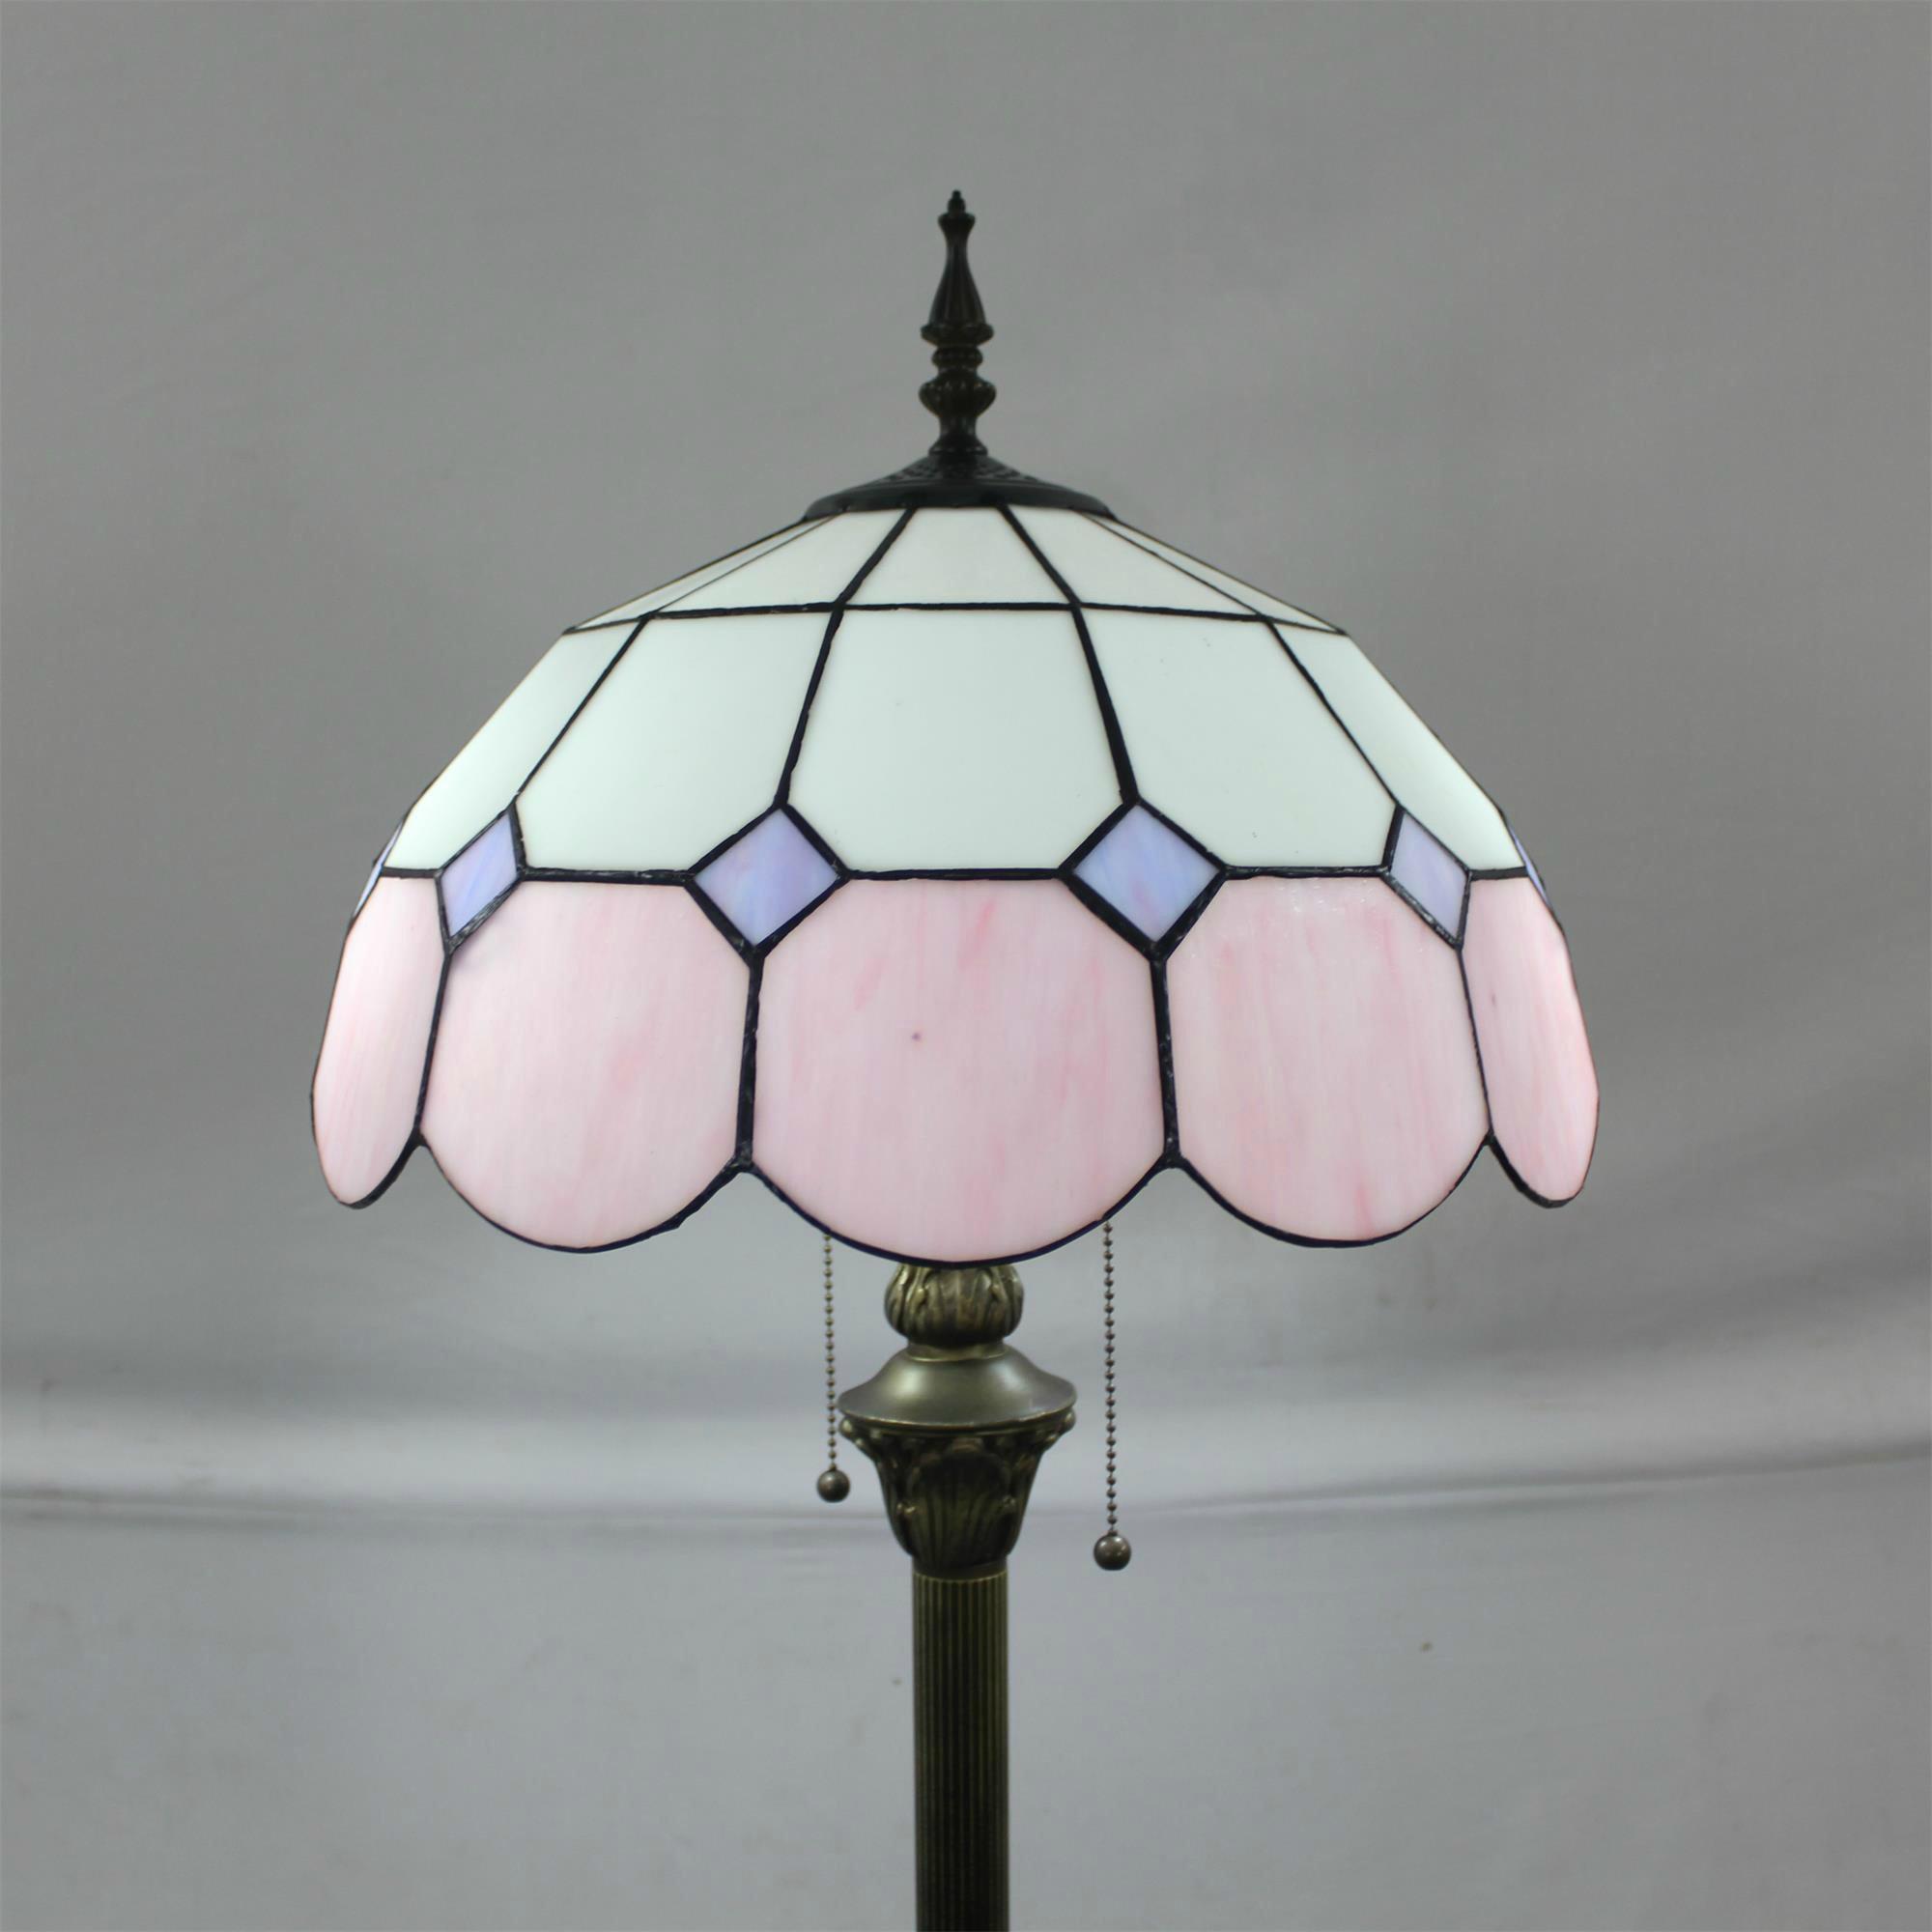 ETERN 16-Inch Mediterranean European Pastoral Style ElegantLuxury Creative Handmade Stained GlassFloor Lamp - Pink